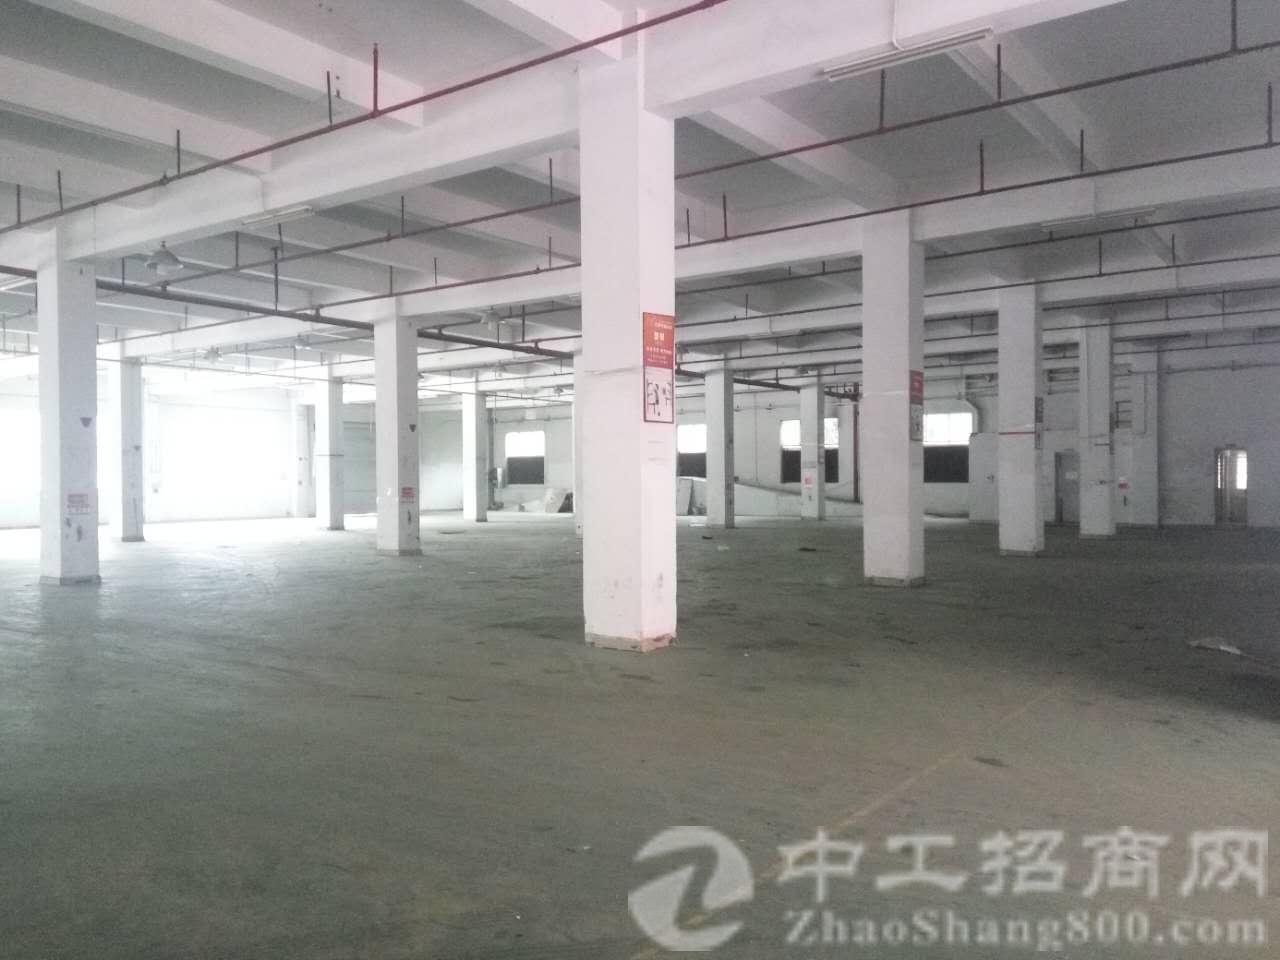 茶山镇全新标准厂房6层10800㎡,单层面积1800㎡,